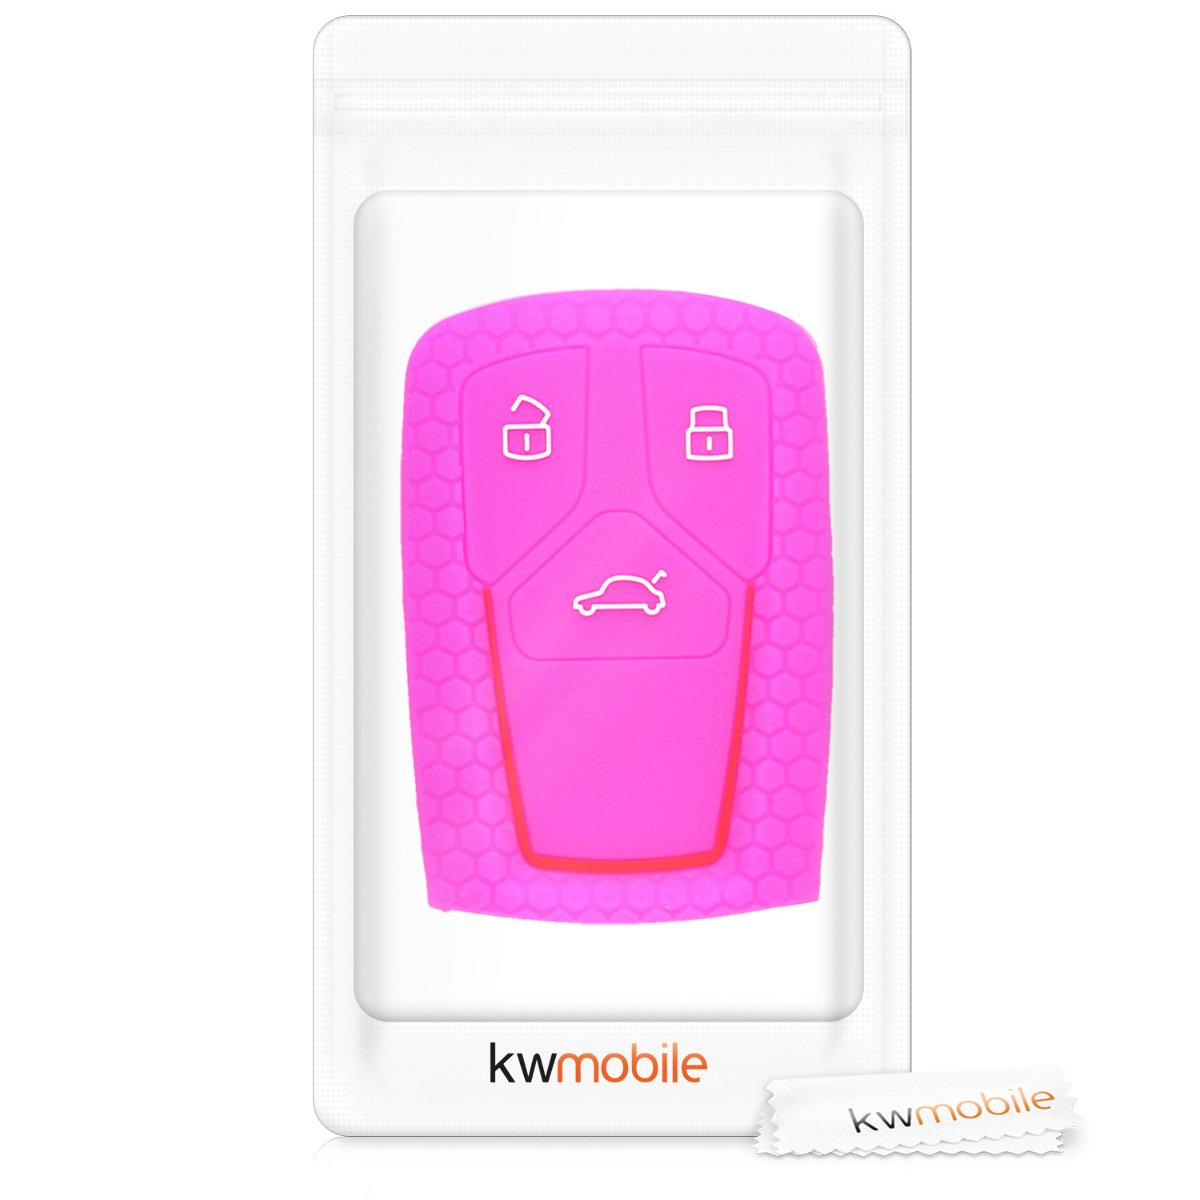 kwmobile Autoschl/üssel H/ülle f/ür Audi Schwarz nur Keyless Go Silikon Schutzh/ülle Schl/üsselh/ülle Cover f/ür Audi 3-Tasten Smartkey Autoschl/üssel